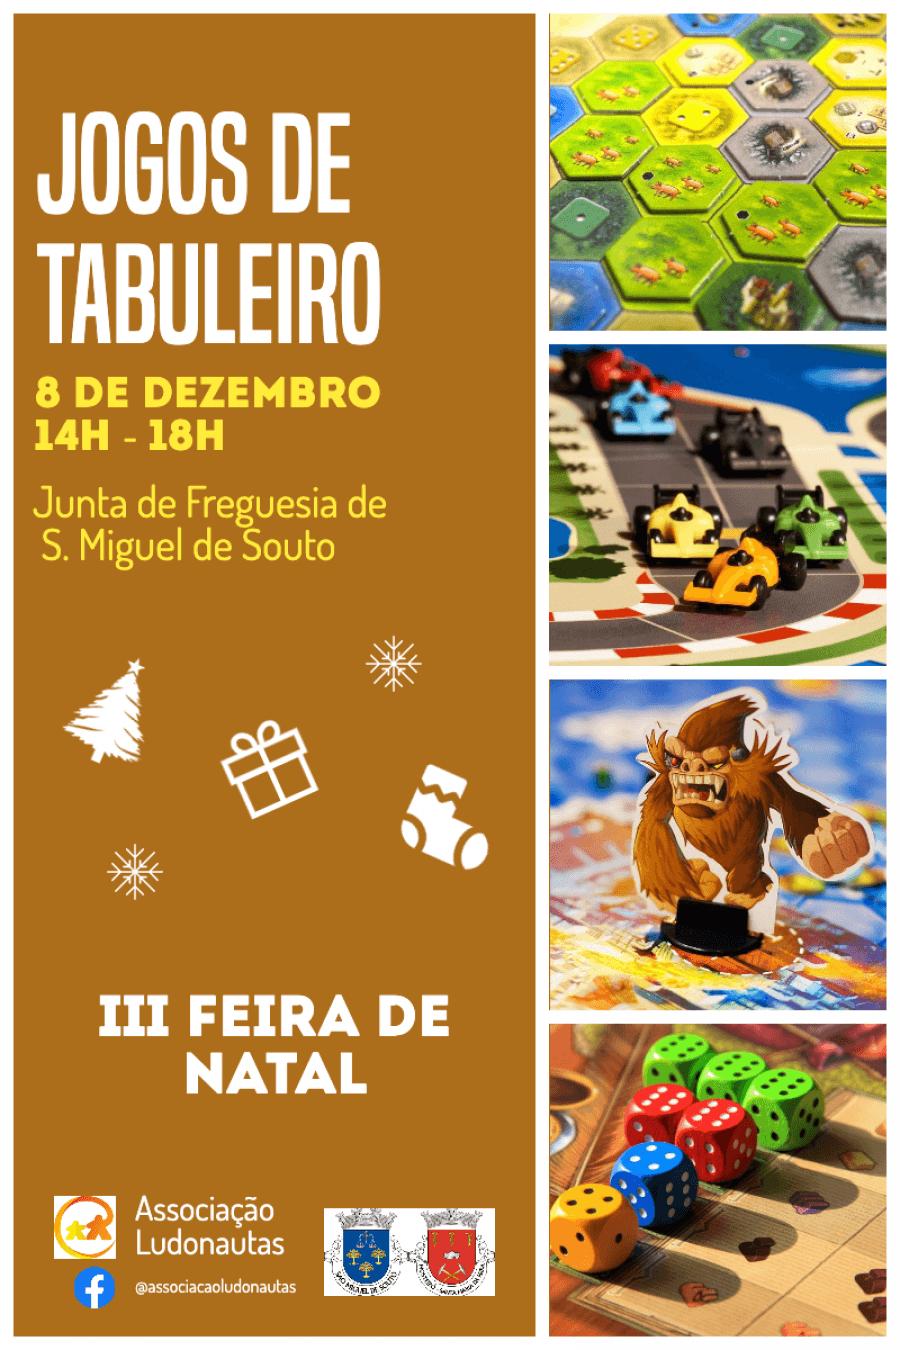 Jogos de Tabuleiro na 3ª Feira de Natal